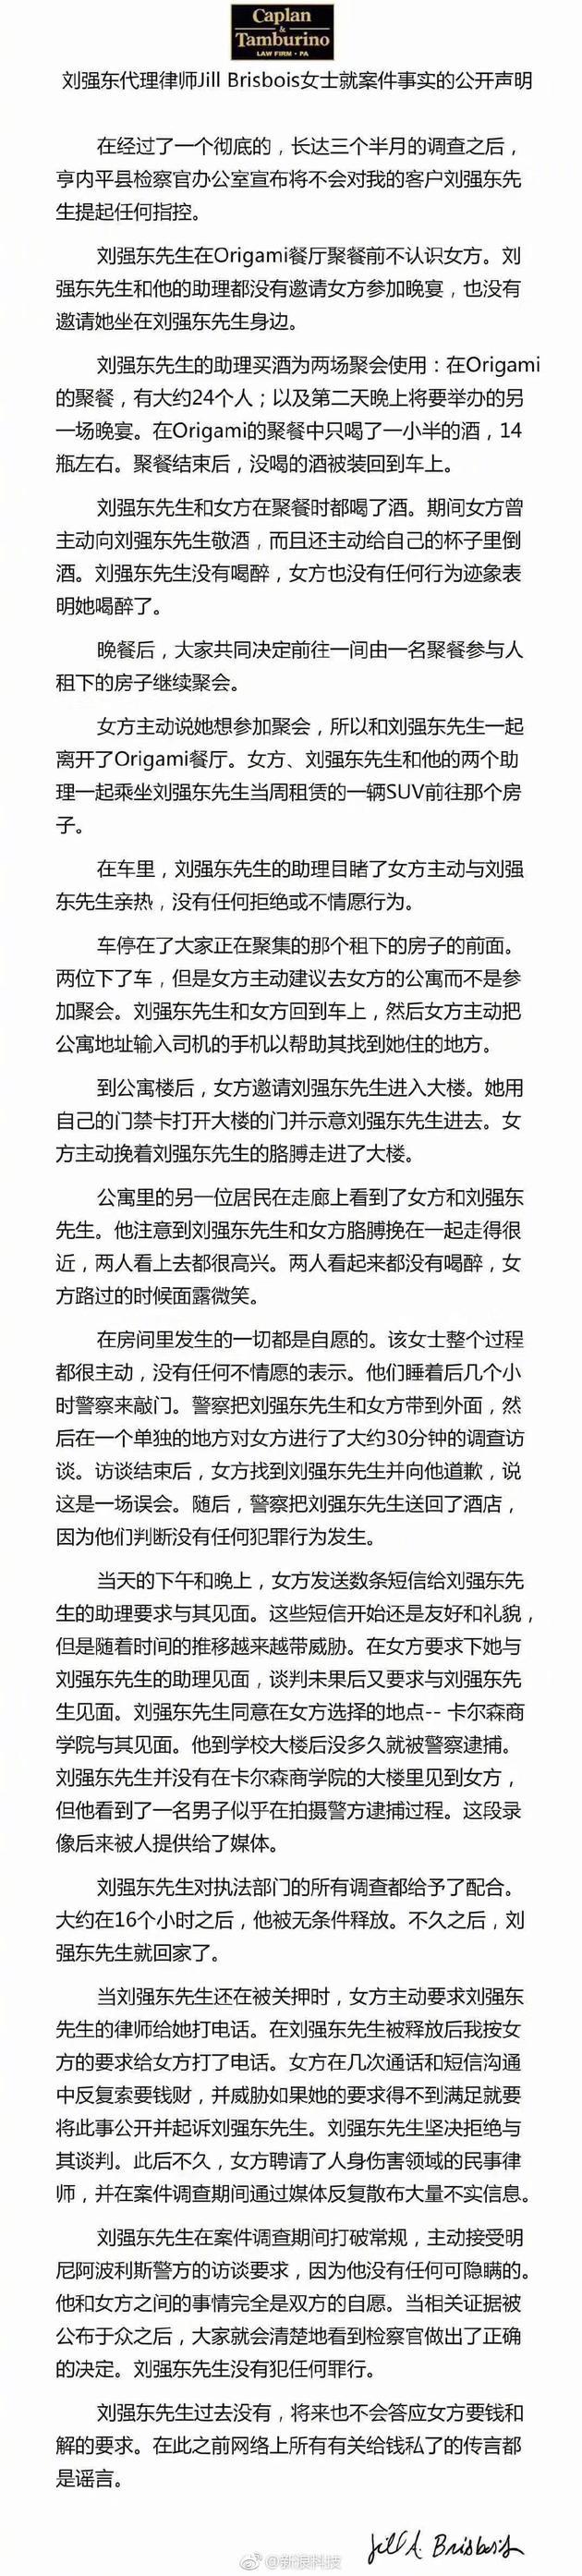 刘强东律师声明